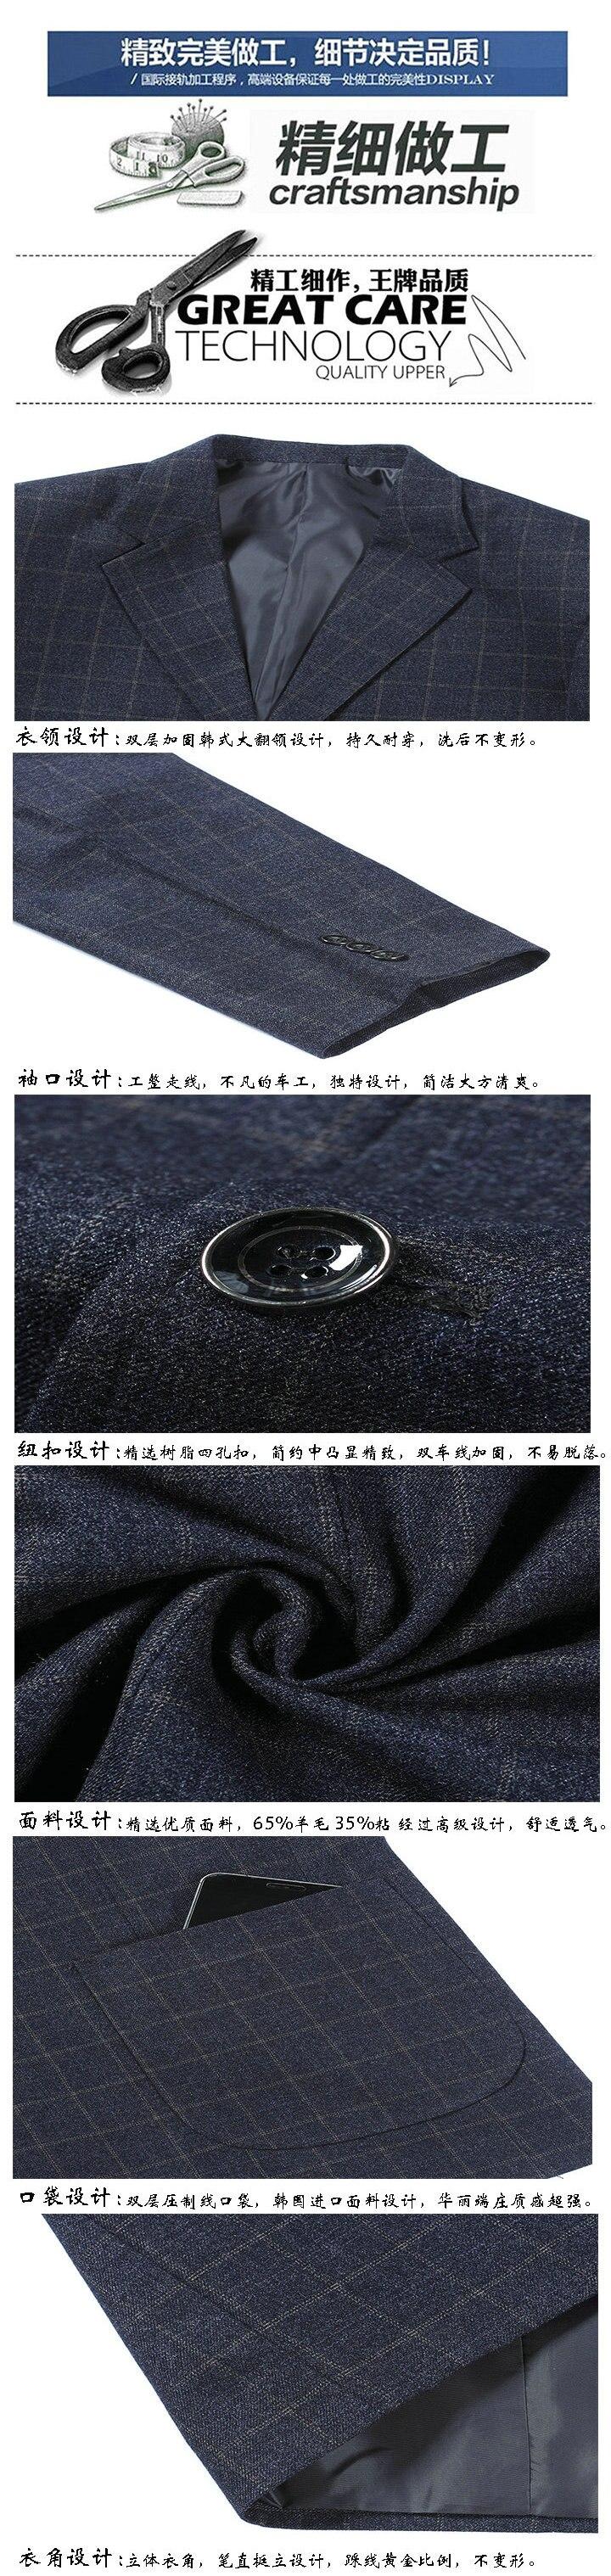 WAEOLSA Father  Blazer Blue Gray Plaid Jacket Suit Mature Men Business Casual Blazers Spring Autumn Garment Man Suit Coat (1)